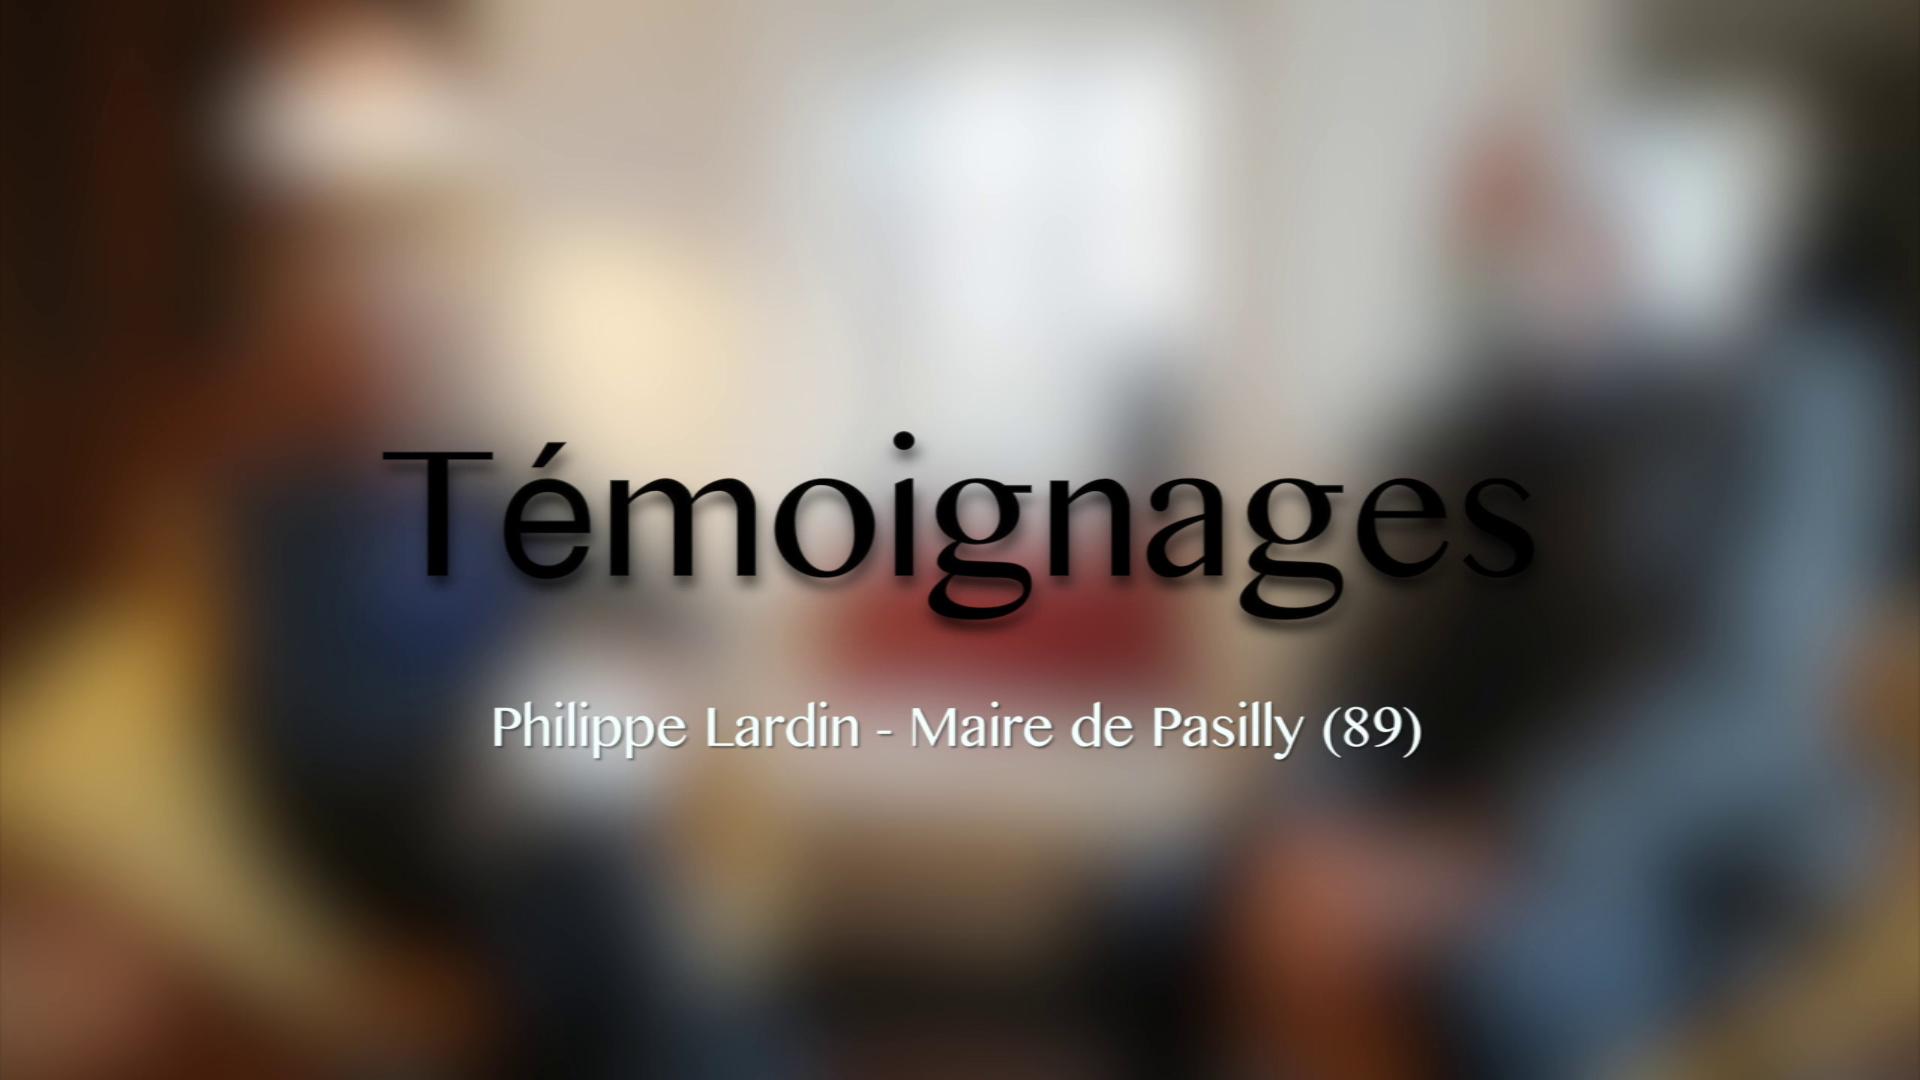 Eoliennes - Témoignage 1/4 - Philippe Lardin - Maire de Pasilly